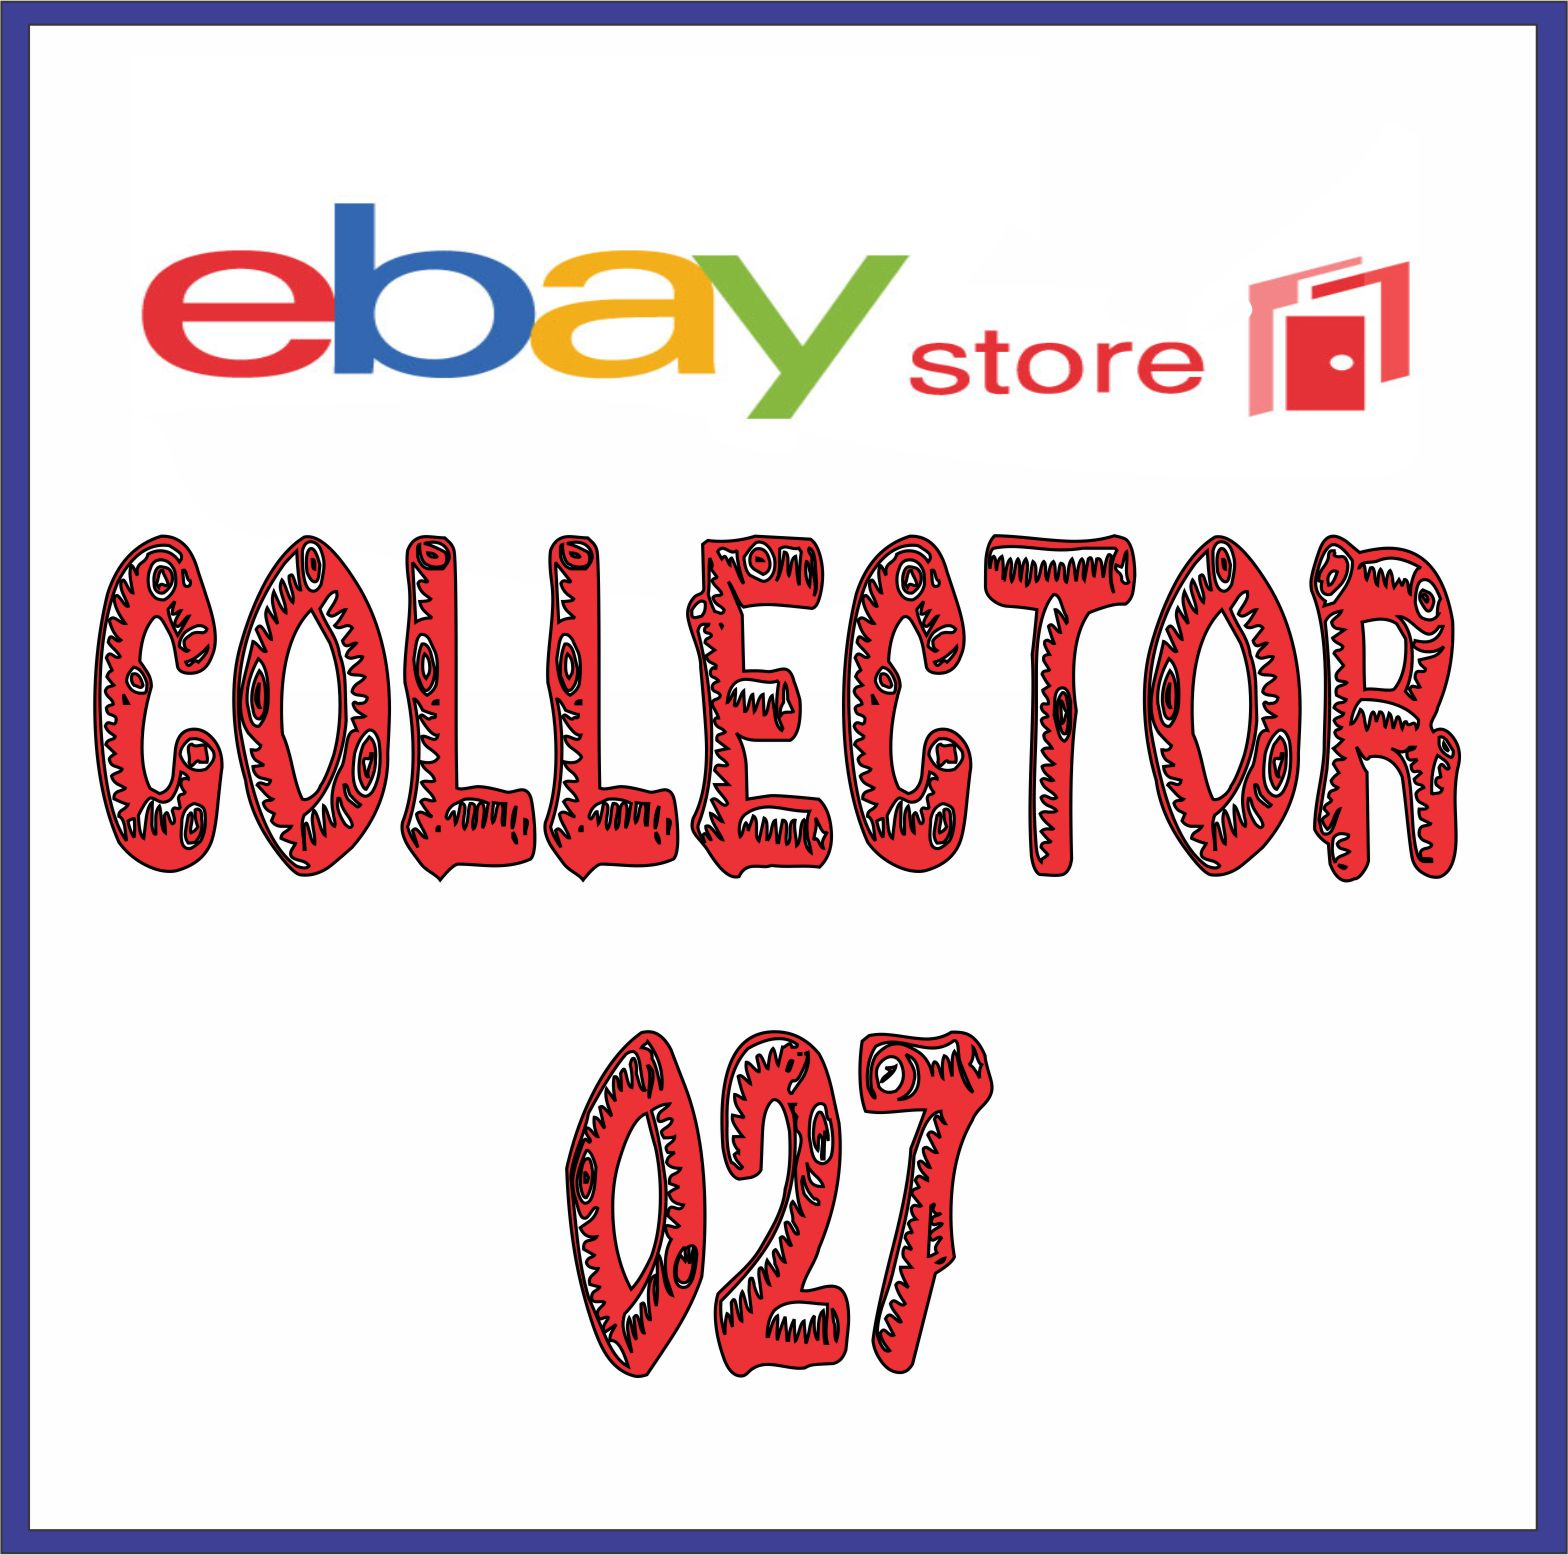 ebay store C027 logo